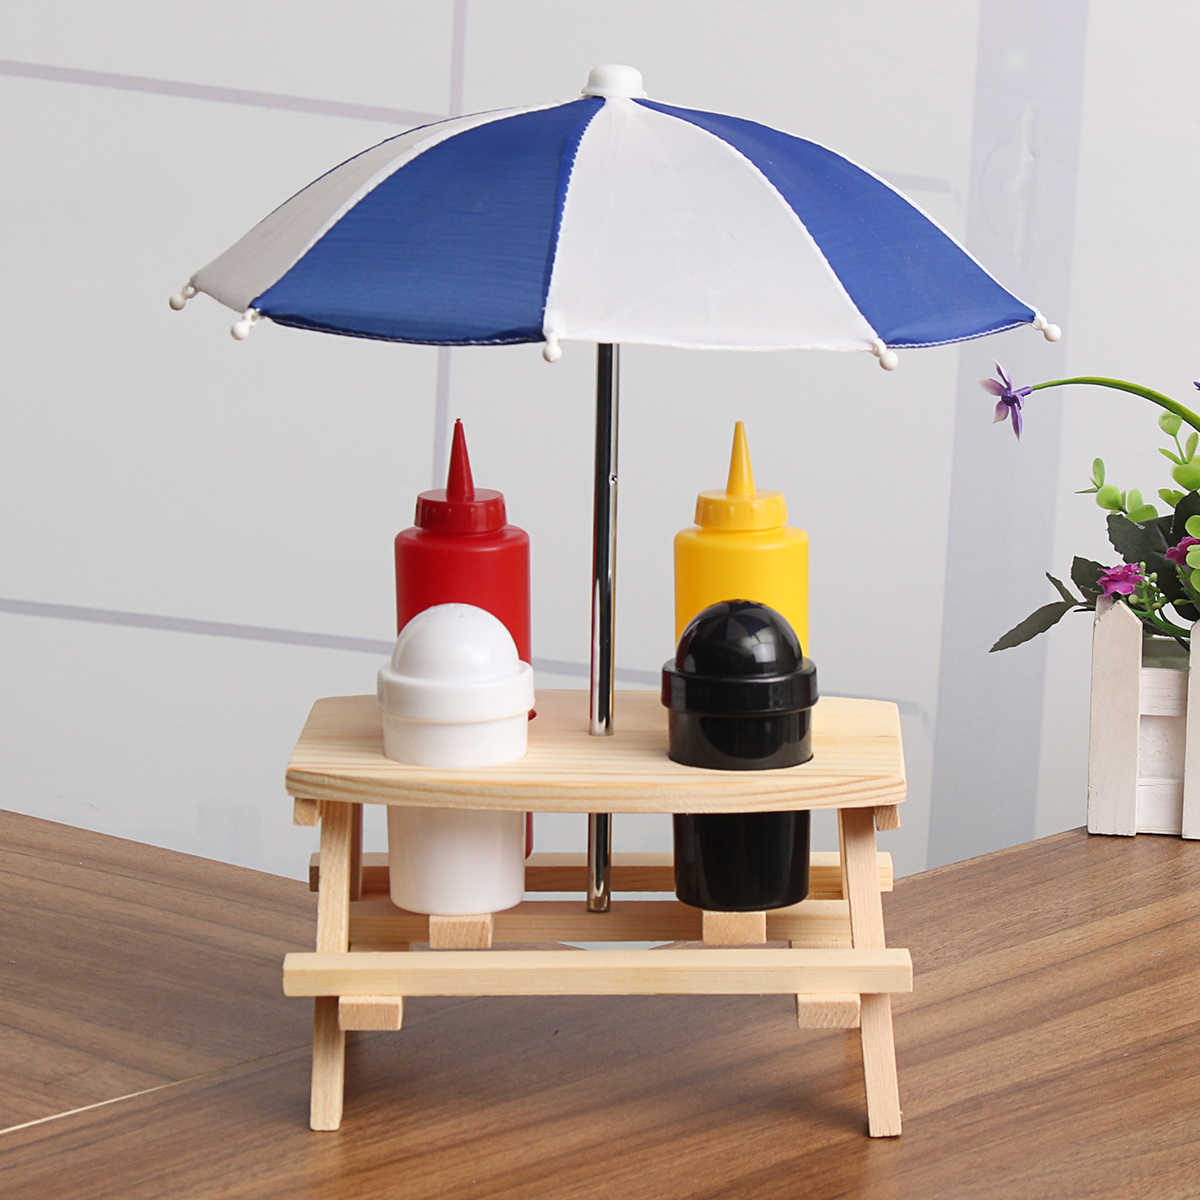 Настольный зонтик скамейка емкость для приправы набор банок соус для соуса с соусом для пикника и отдыха на природе барбекю Кухонные аксессуары подставка для специй